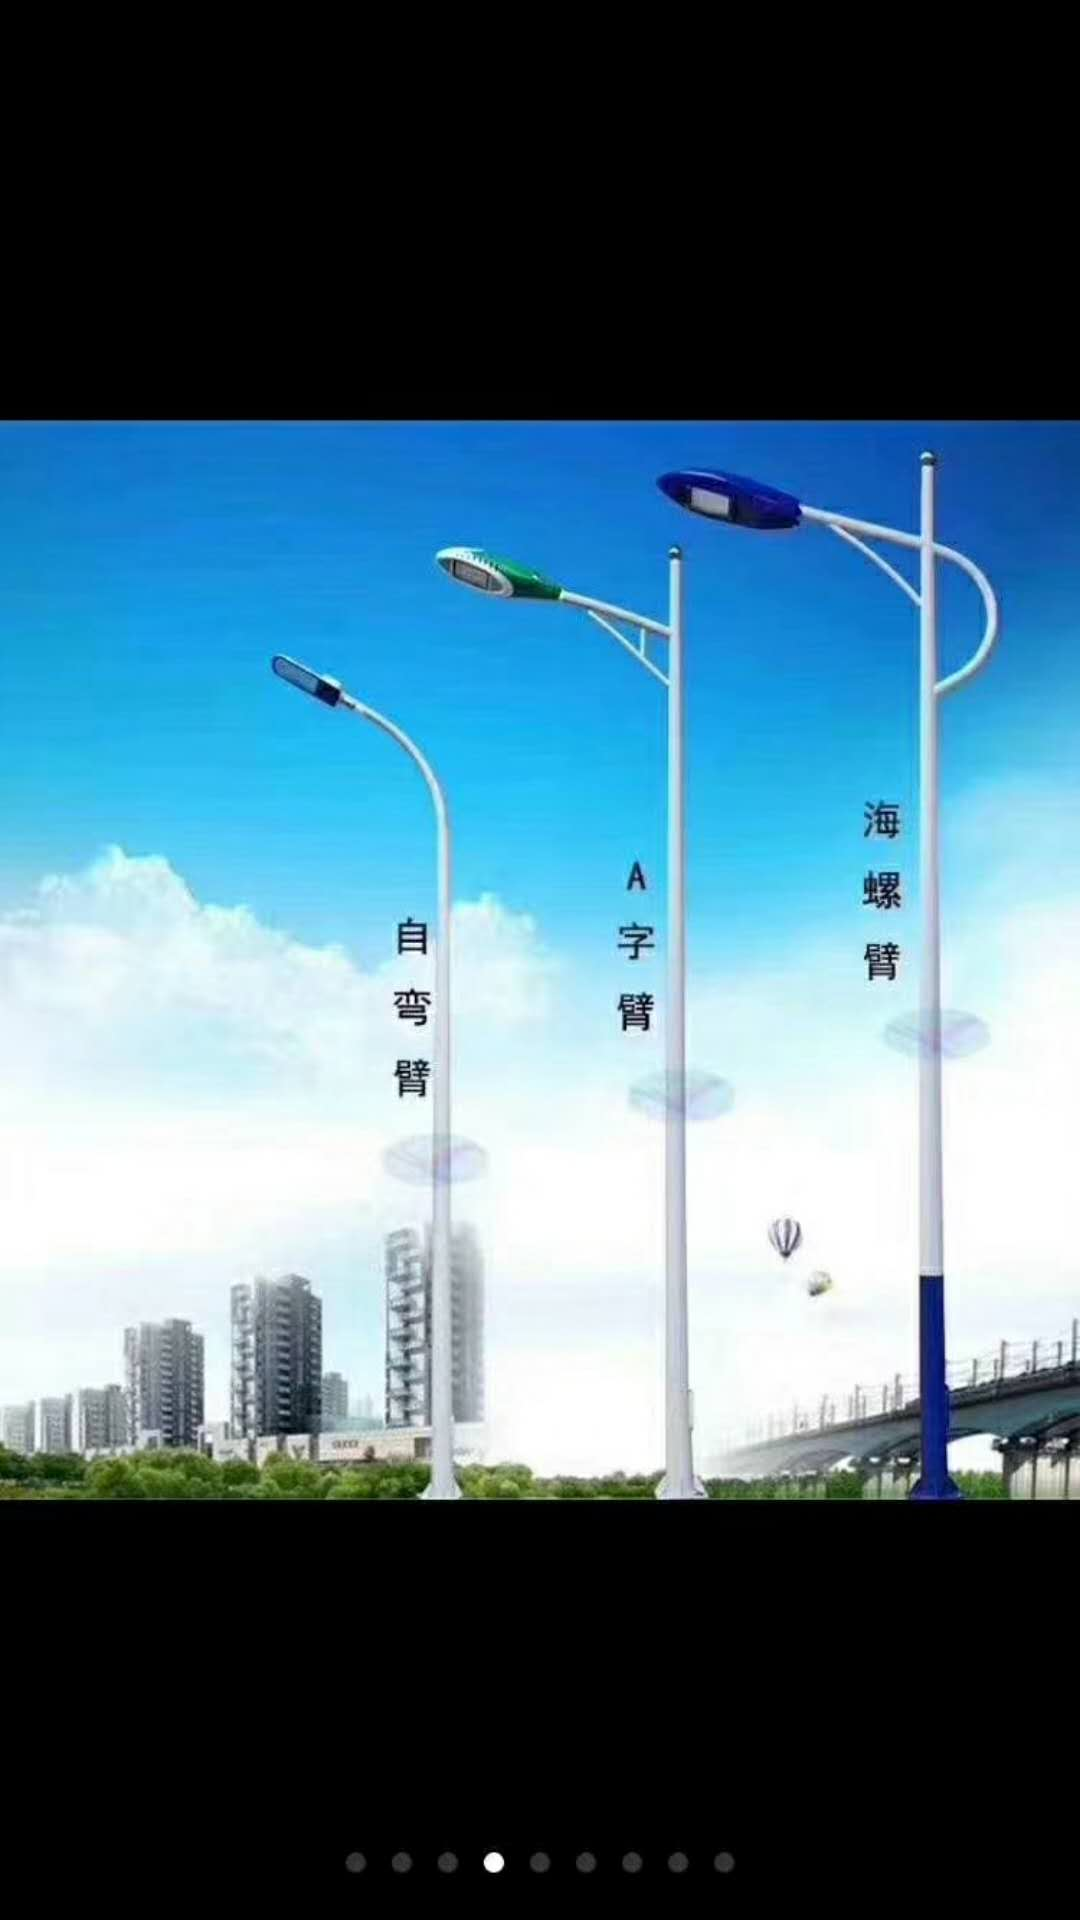 郴州佳境光电专业供应郴州led路灯厂家直销并安装与保修